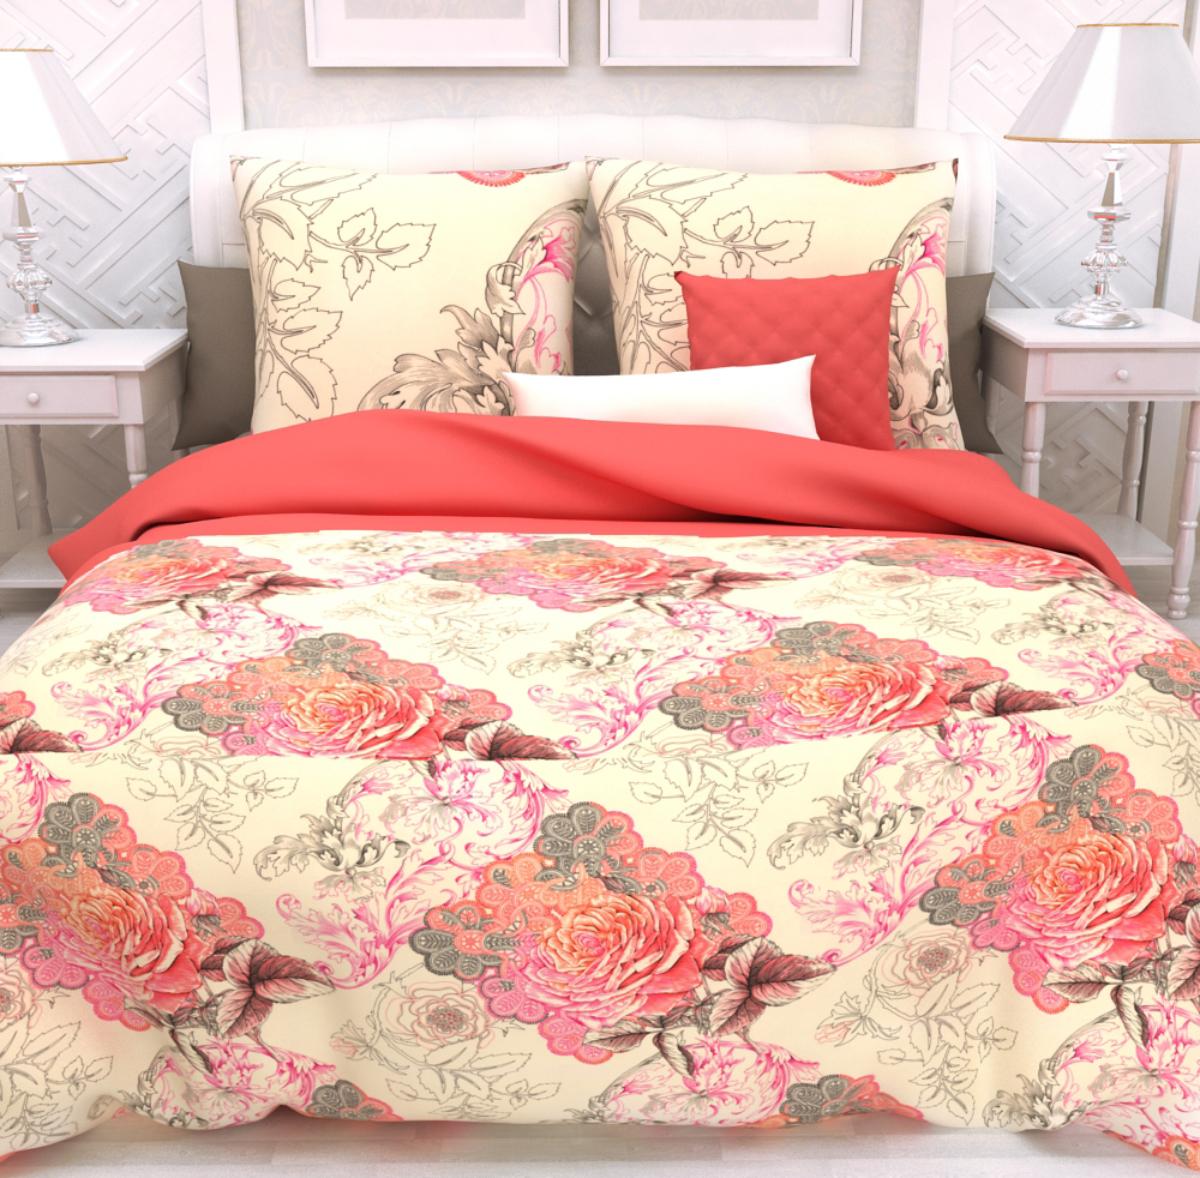 Комплект белья Унисон Рапсодия, семейный, наволочки 70 х 70, цвет: розовый. 286312286312Постельное белье торговой марки «Унисон Биоматин» - это домашний текстиль премиум класса с эксклюзивными дизайнами в разнообразных стилистических решениях. Комплекты данной серии выполнены из ткани «биоматин» - это 100% хлопок высочайшего качества, мягкий, тонкий и легкий, но при этом прочный, долговечный и очень практичный, с повышенным показателем износостойкости, обладающий грязе- и пылеотталкивающими свойствами, долго сохраняющий чистоту и свежесть постельного белья, гипоаллергенный.